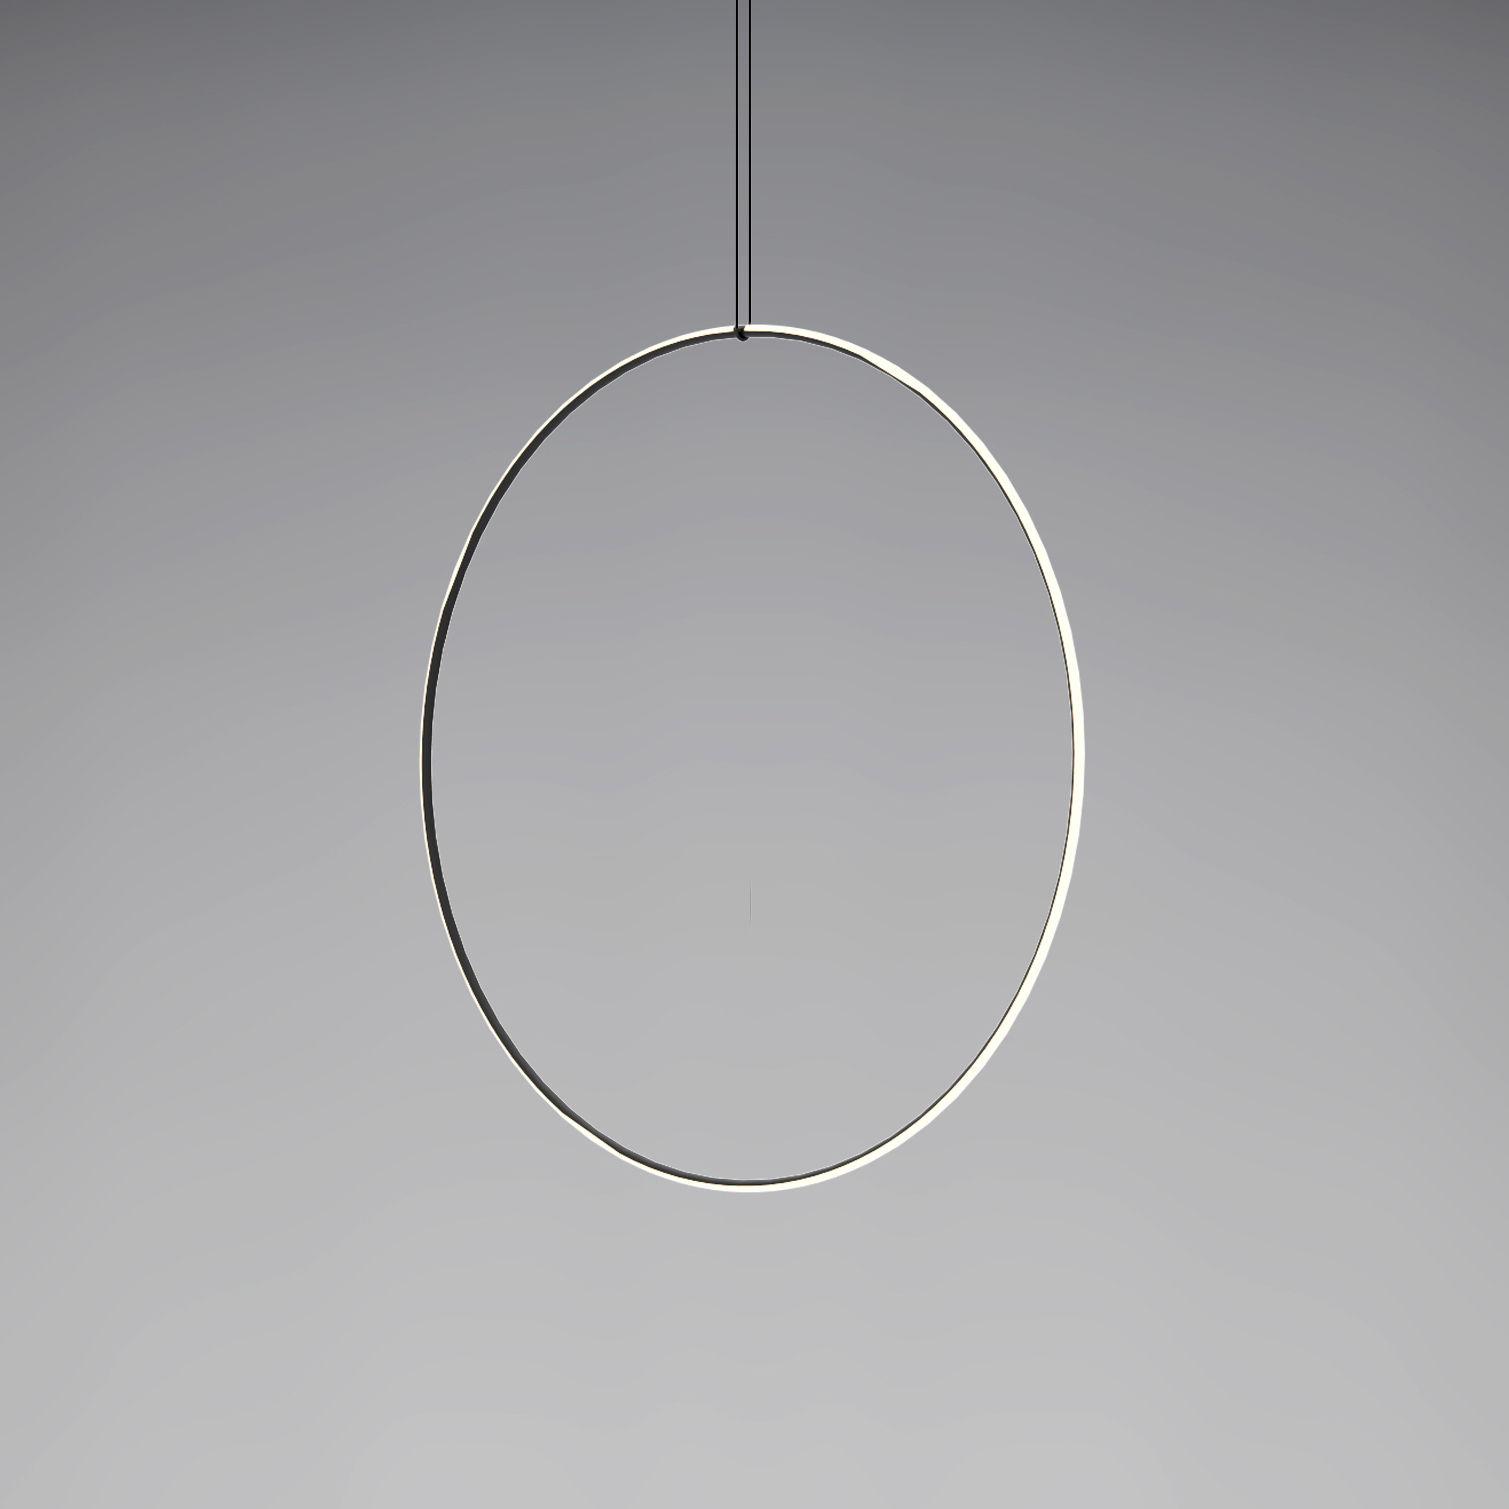 Leuchten - Pendelleuchten - Arrangements 5 LED Pendelleuchte / Ø 100 cm - Flos - Schwarz & weiß - bemaltes Aluminium, Polykarbonat